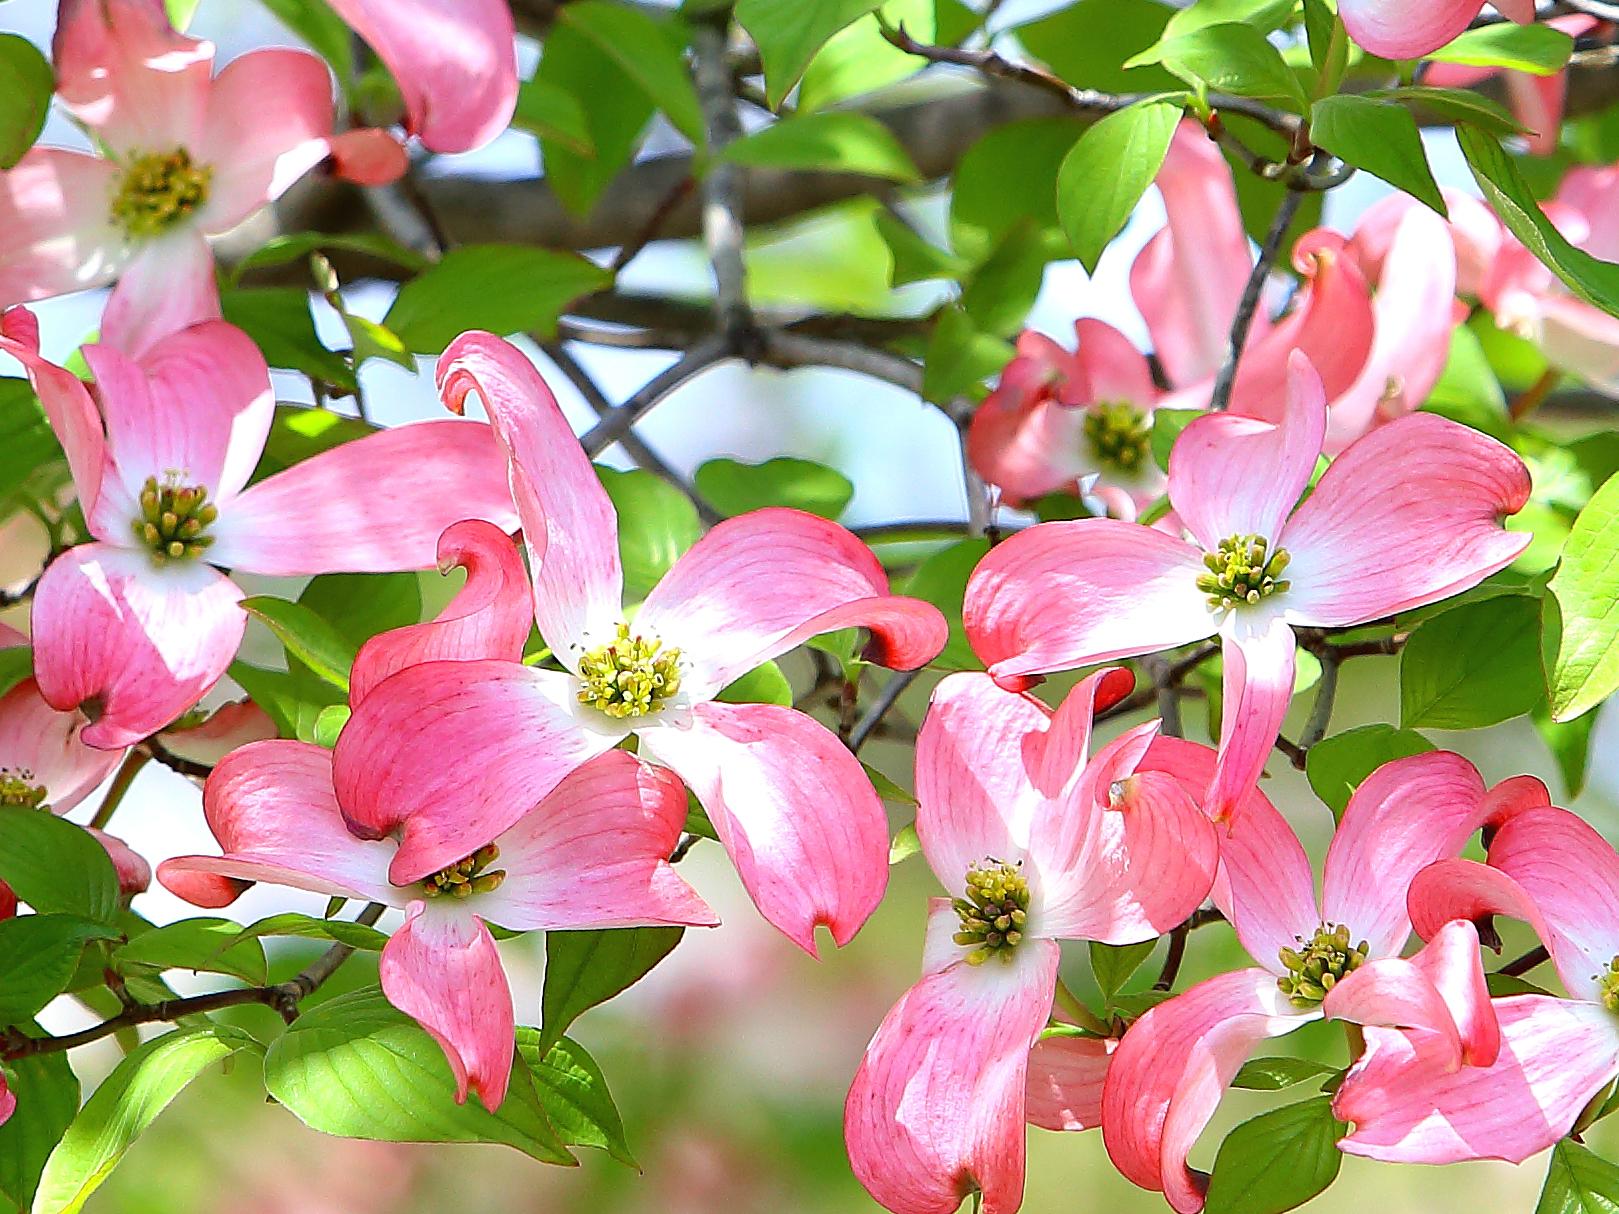 ガーデン用品屋さんの花図鑑 ヤマボウシ